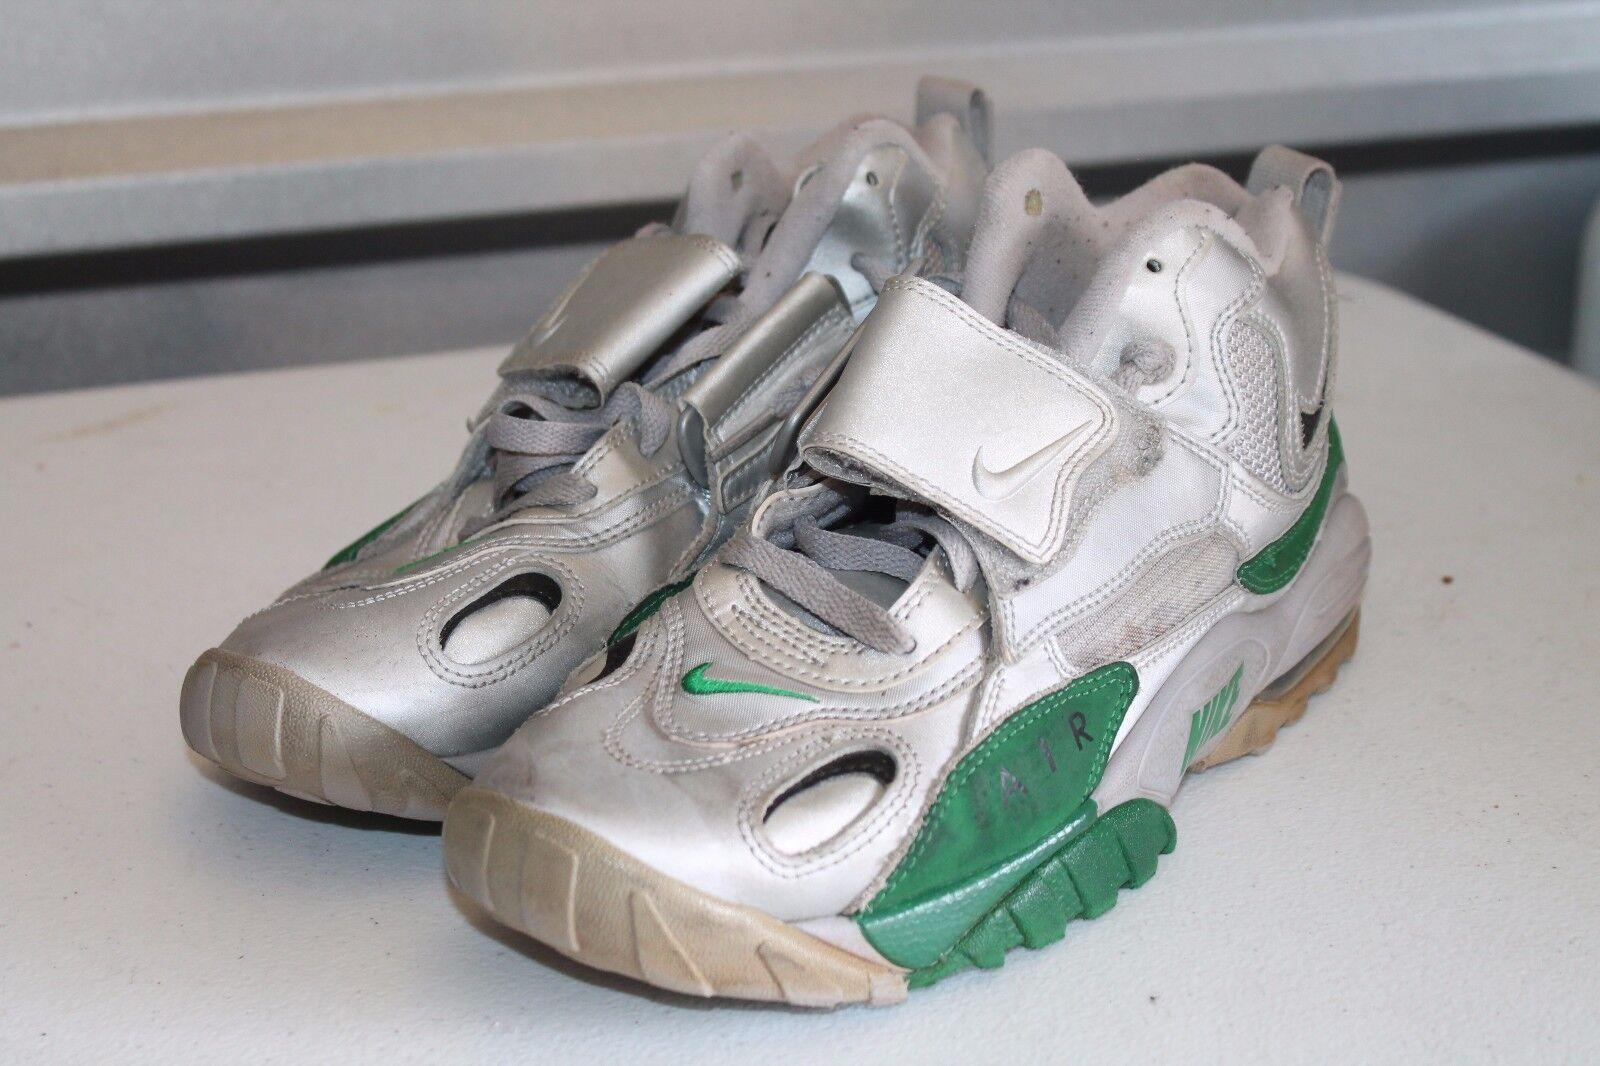 Nike Metallic Air Max Speed Turf Metallic Nike Silver Green 525225 001 size 9 2097f8